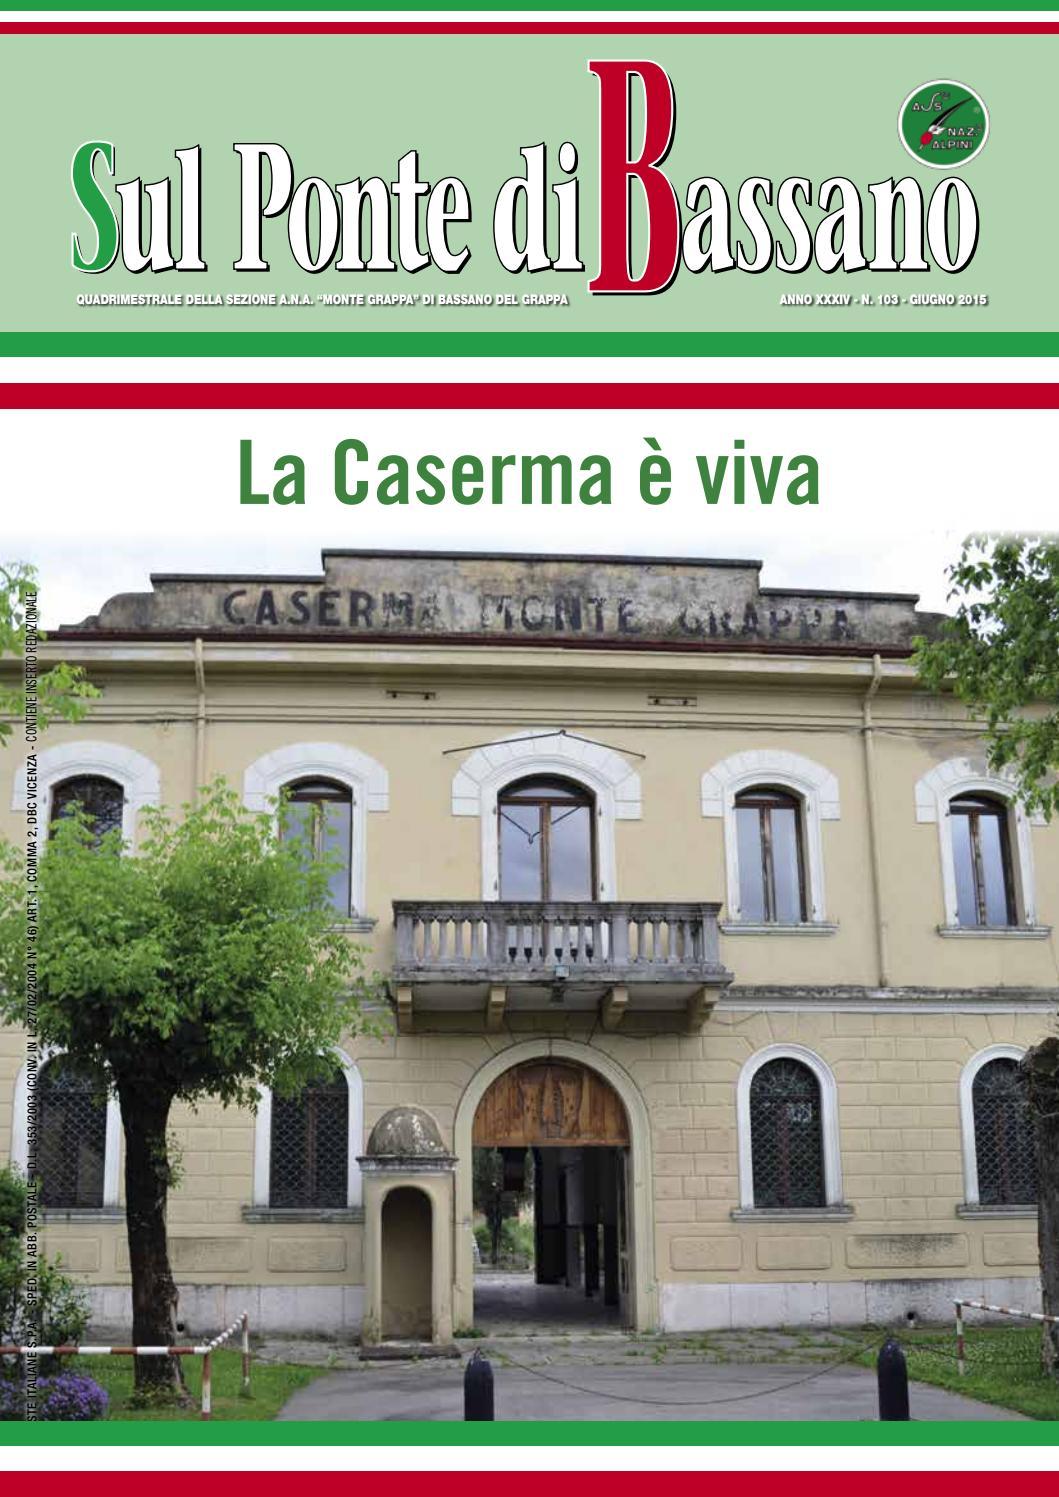 Giornale della Sezione ANA Monte Grappa n 103 giugno 2015 by Alessandro -  issuu 58306726571b